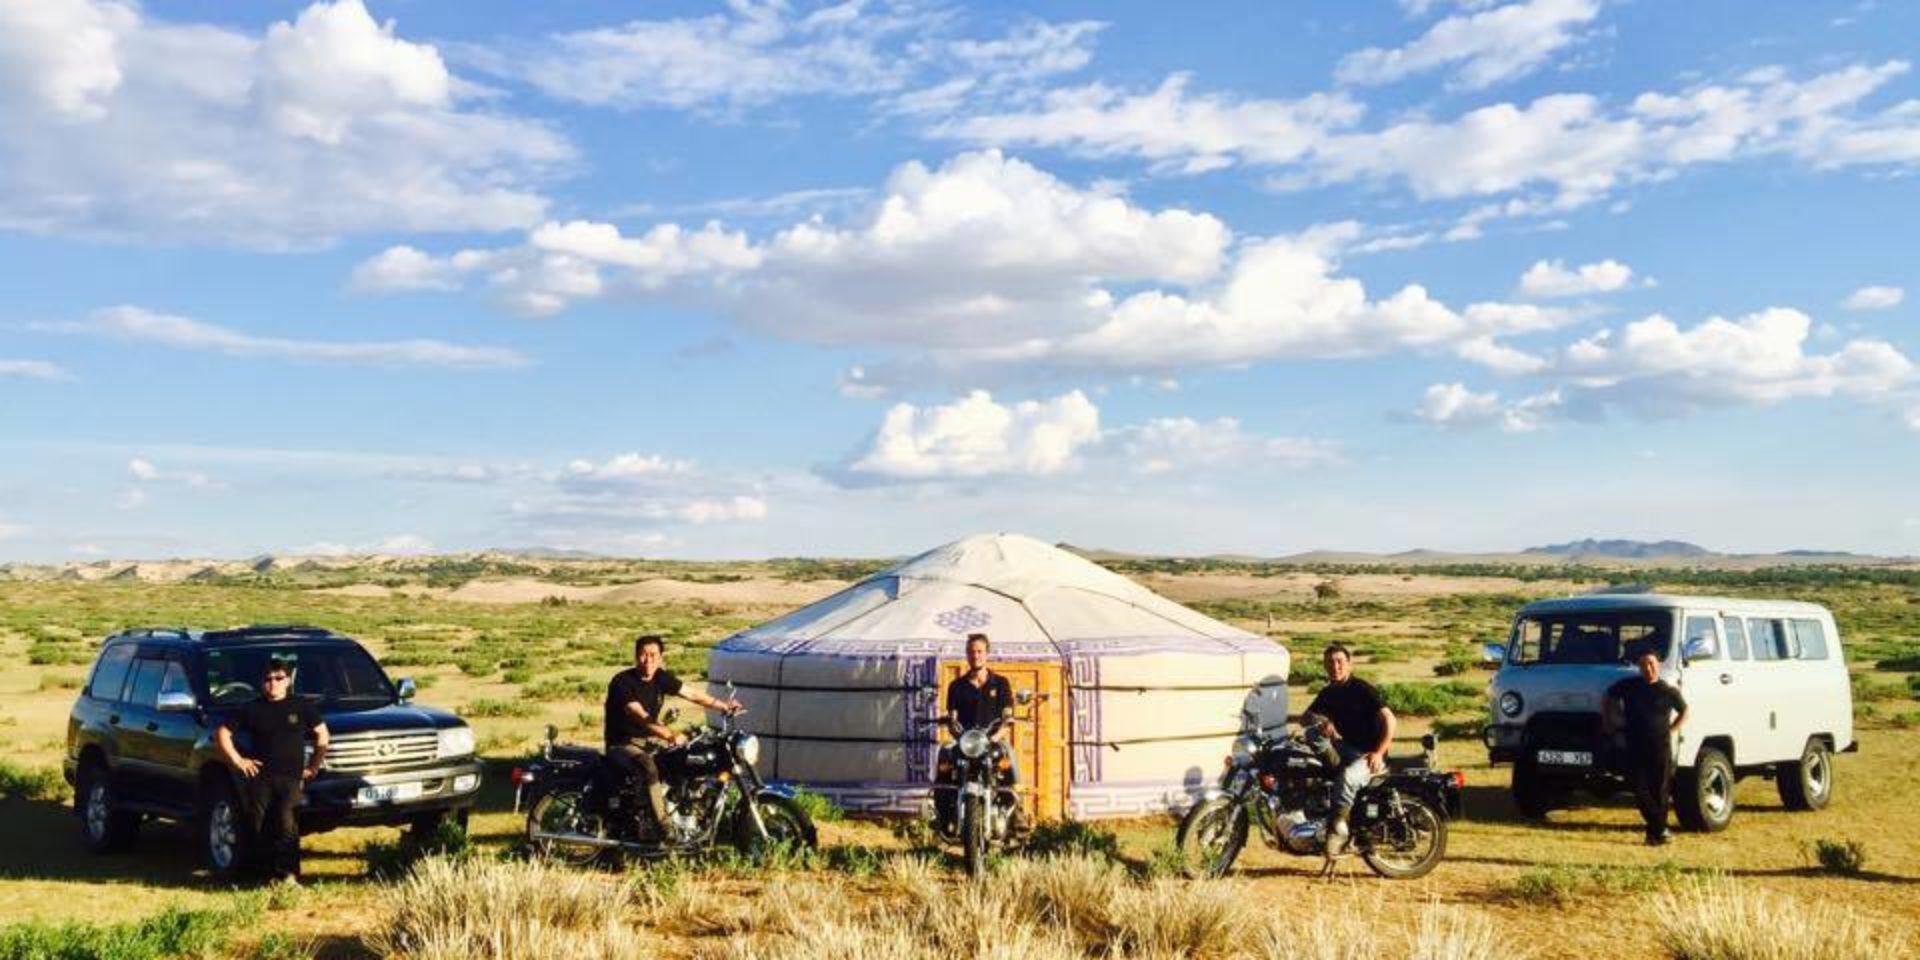 voyage-moto-mongolie-gal1